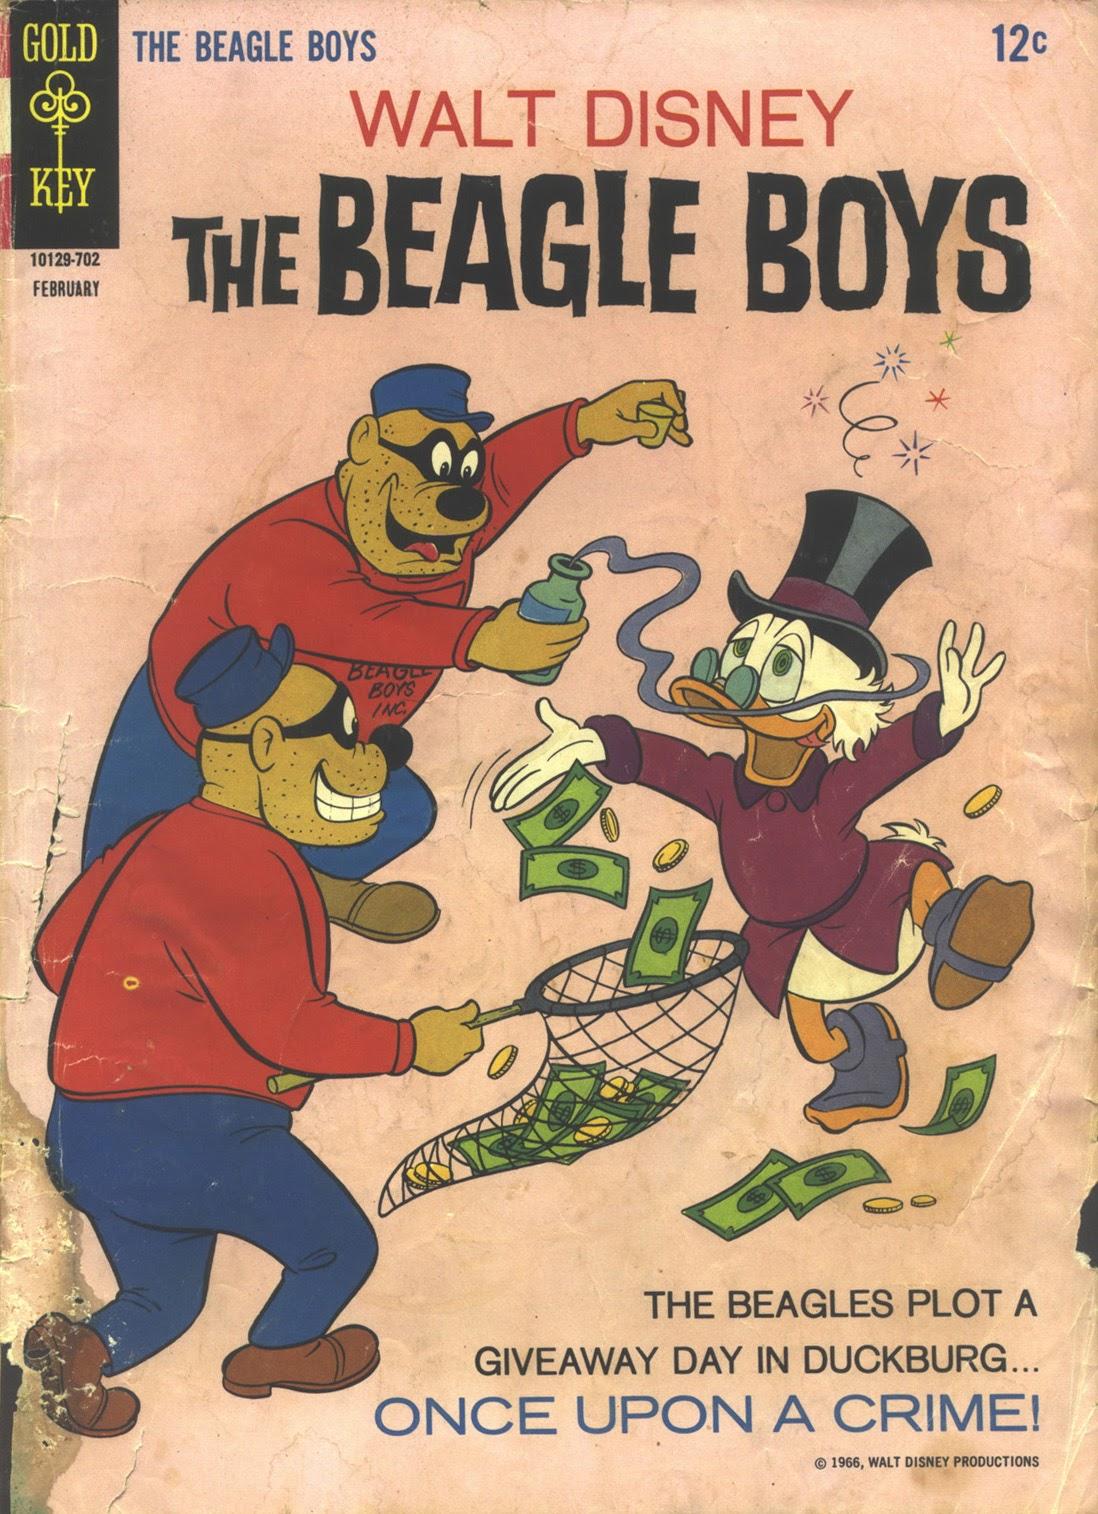 Walt Disney THE BEAGLE BOYS issue 5 - Page 1